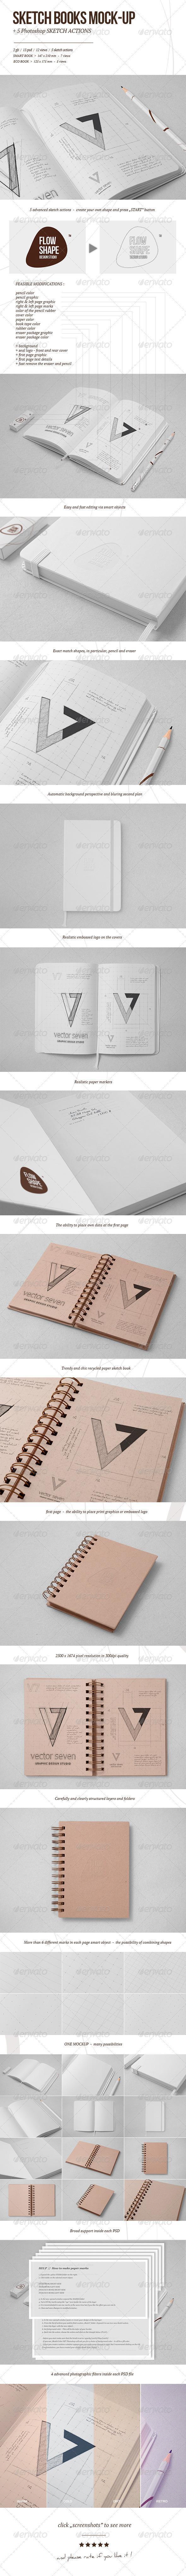 Sketchbook Mockup Template PSD